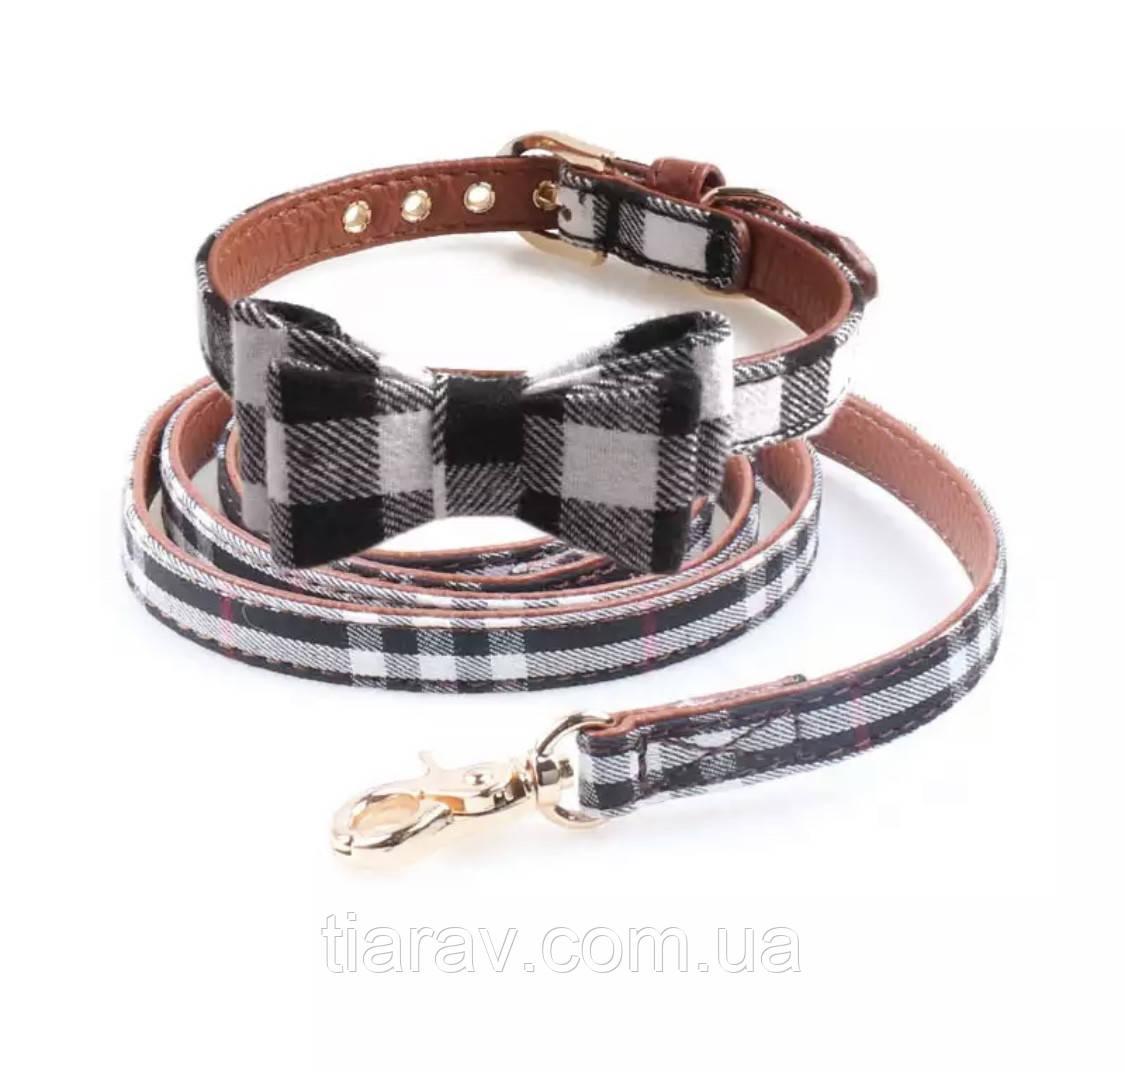 Ошейник кожаный с поводком, набор аксессуаров для собак